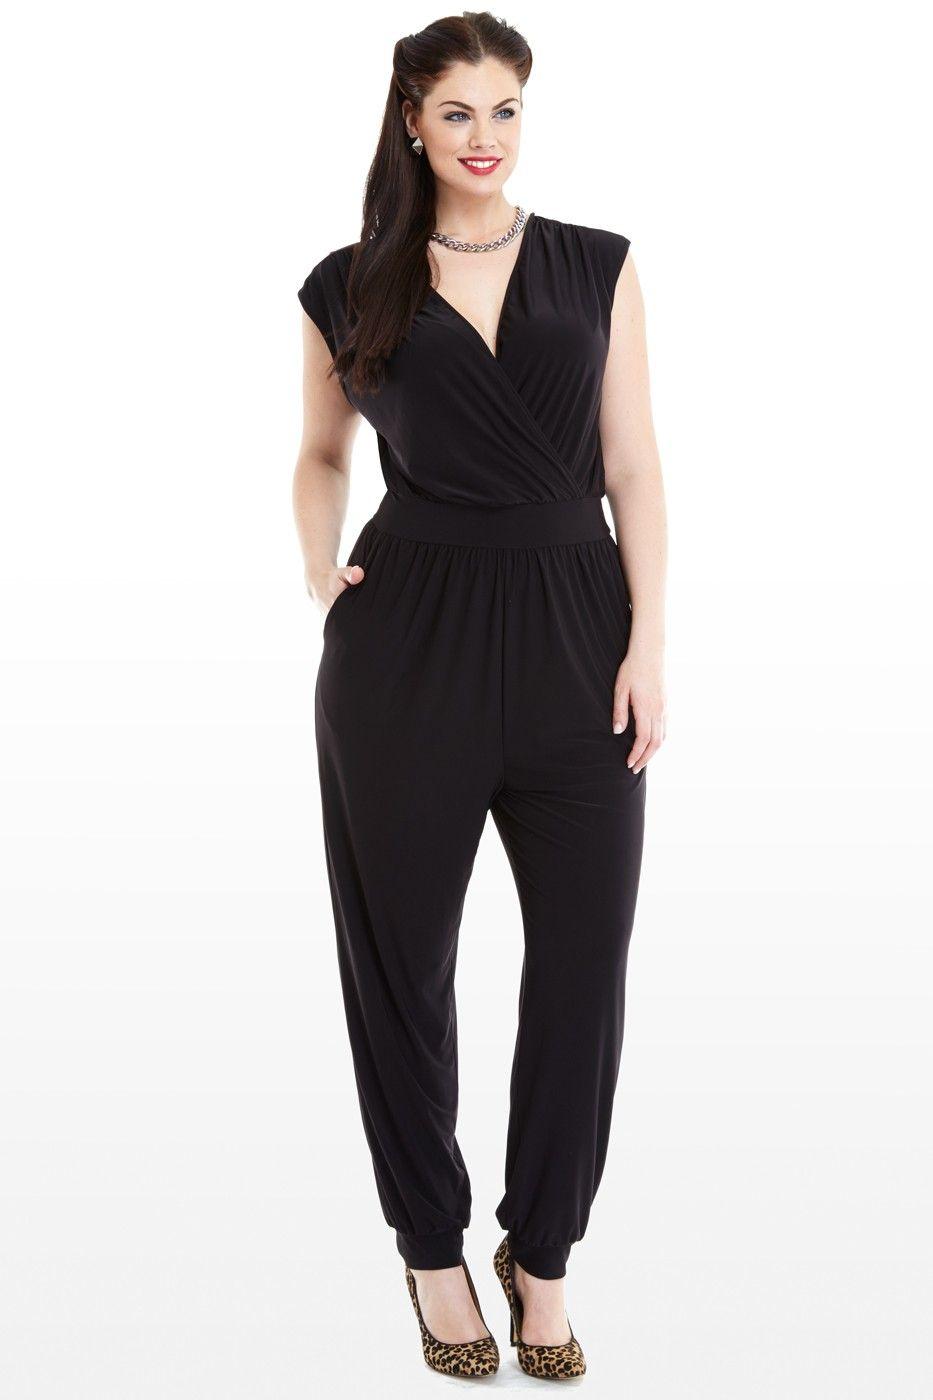 78913dc4639 Street Smart Jumpsuit - Black Plus Size Jumpsuit Para quando eu perder uns  20 quilos